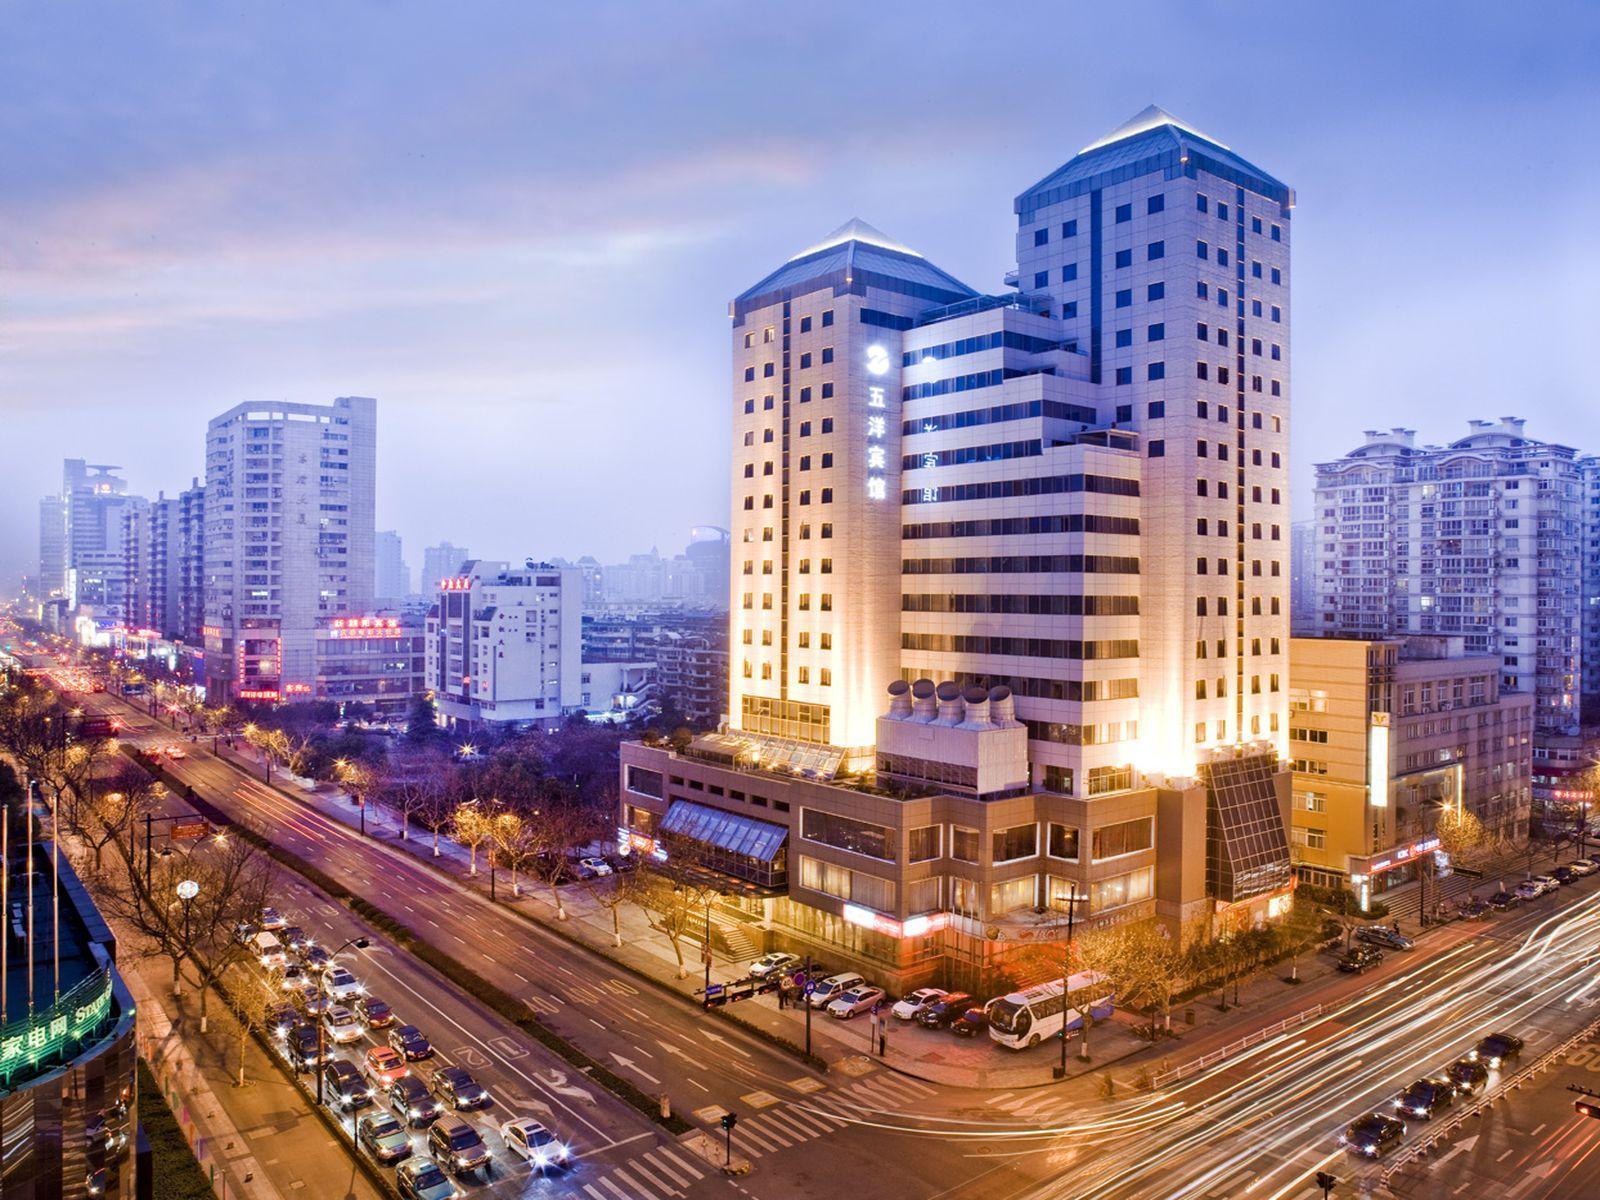 Wuyang hotel hangzhou xia cheng district peace intl - Hangzhou congress center ...